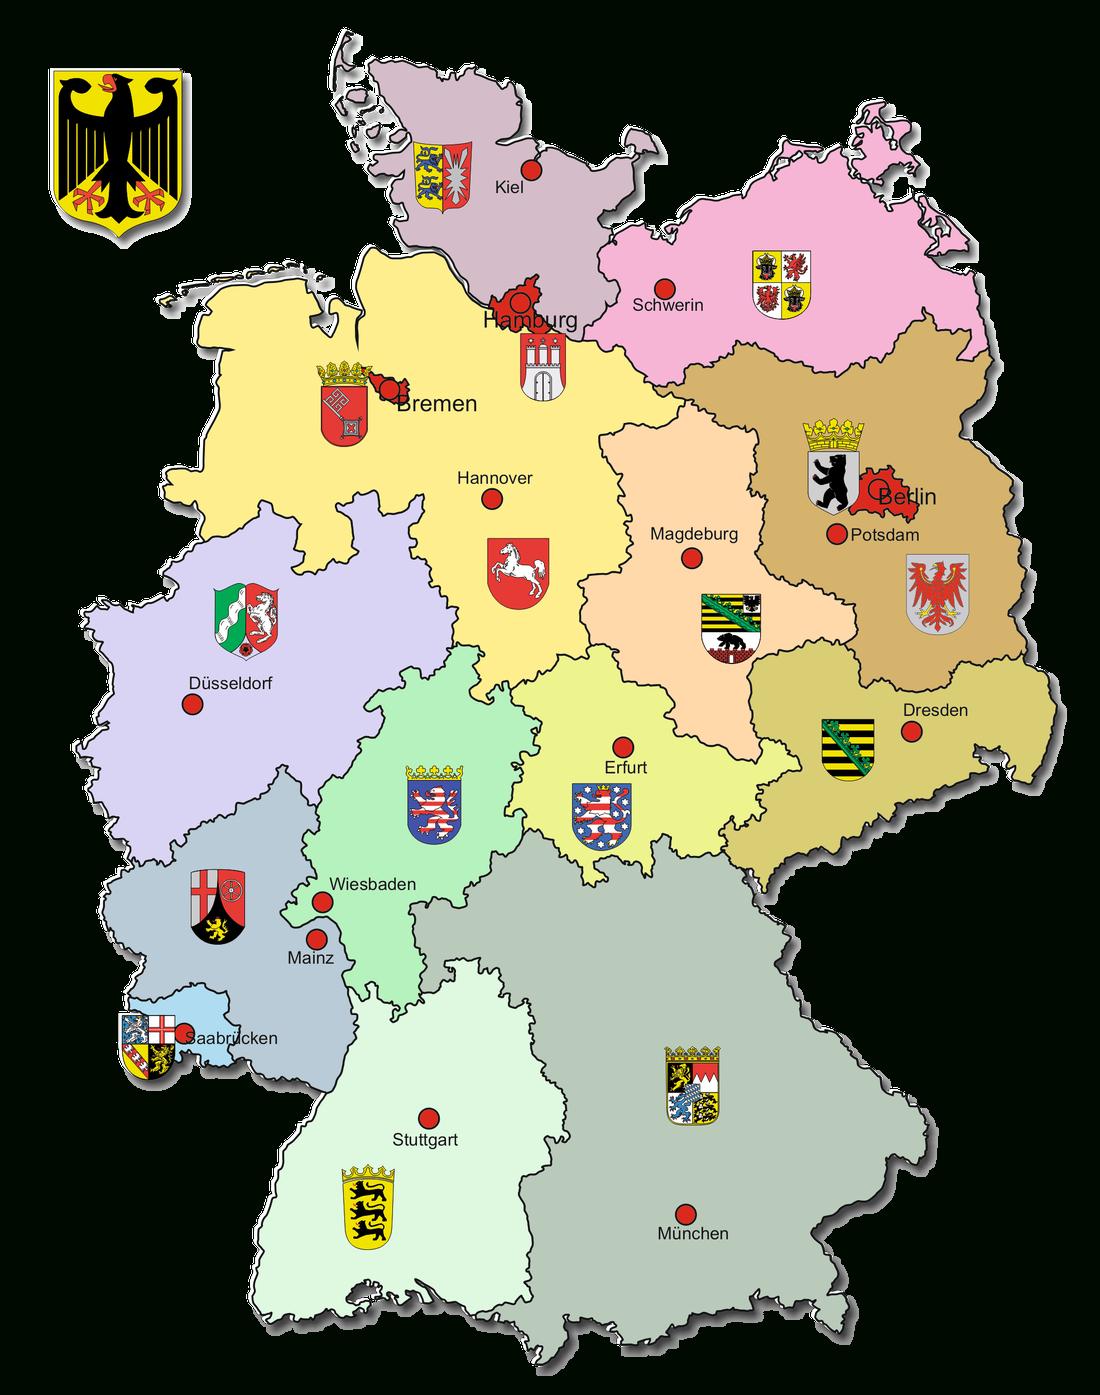 Hauptstädte Bundesländer Deutschland | Deutschlands Bundesländer bestimmt für Bundesländer Der Brd Und Ihre Hauptstädte